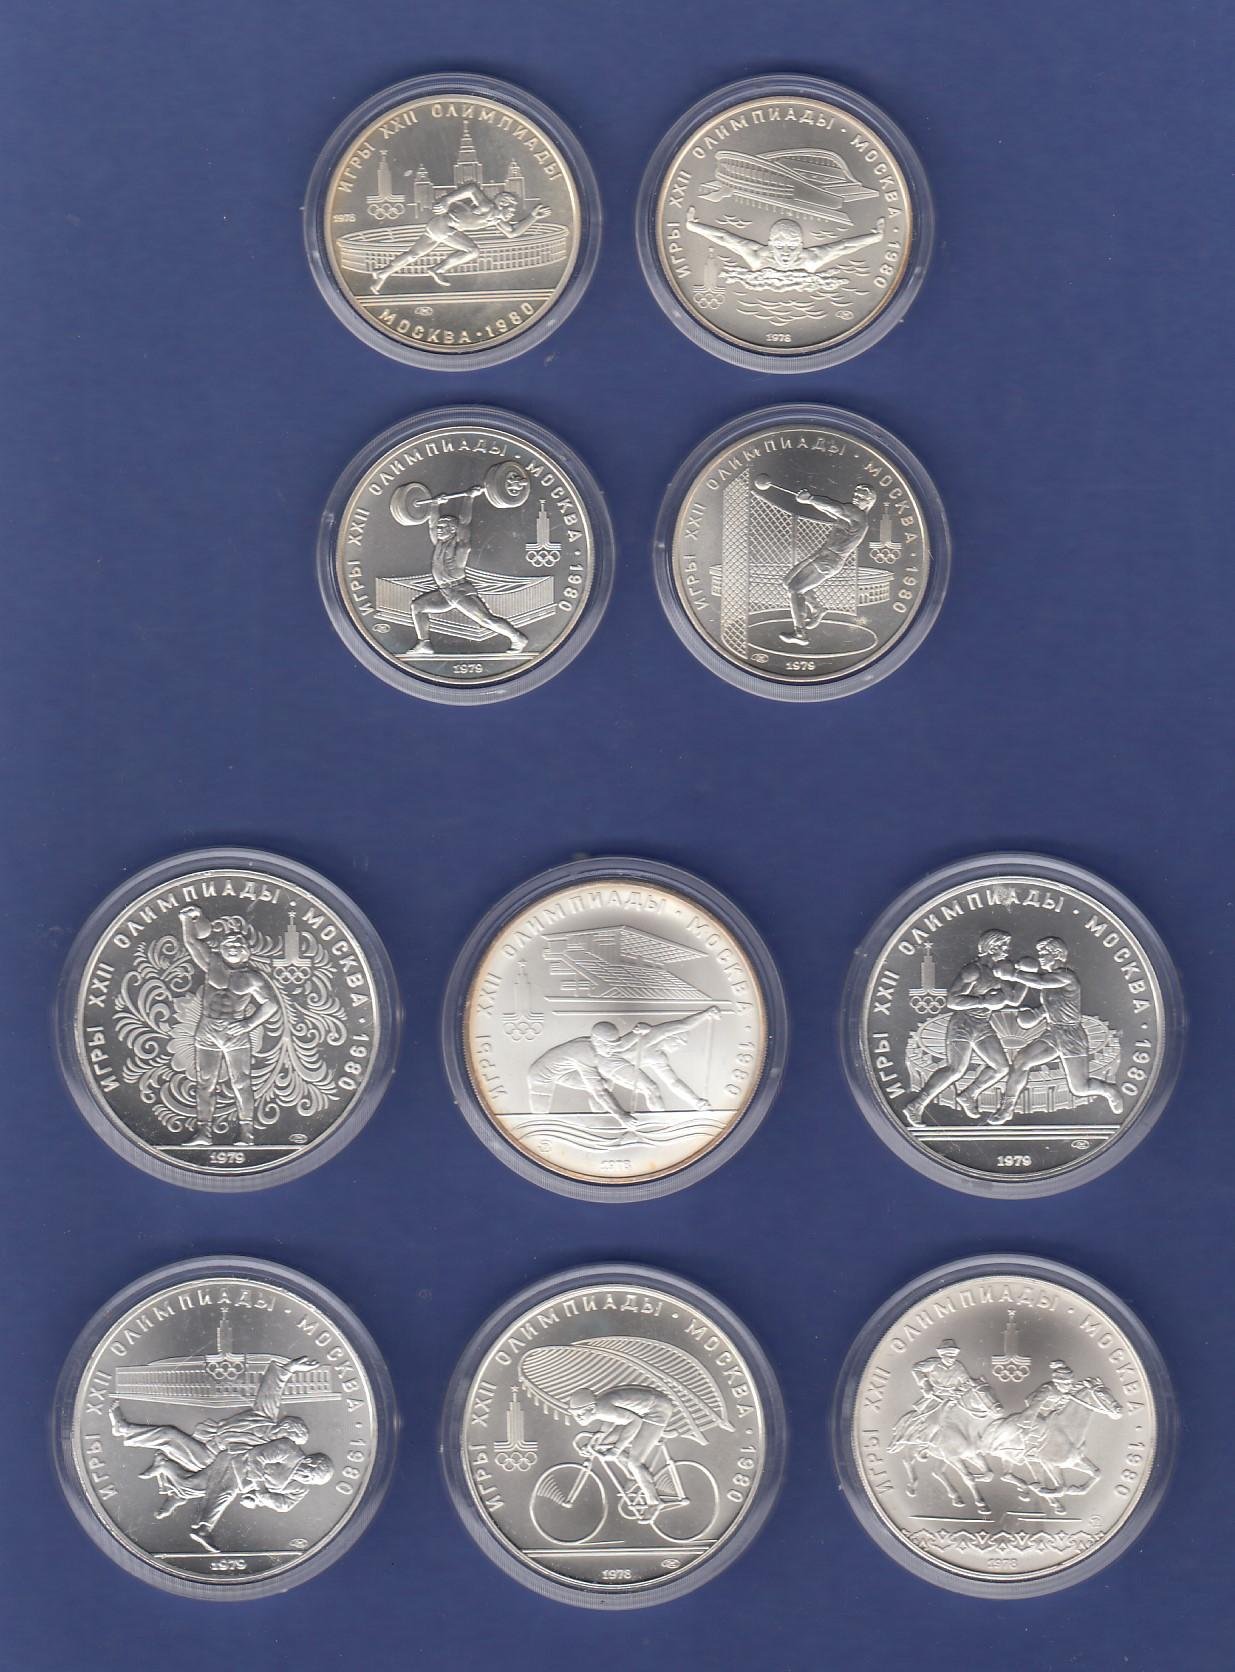 Sowjetunion Moskau Olympische Spiele 1980 10 Silbermünzen